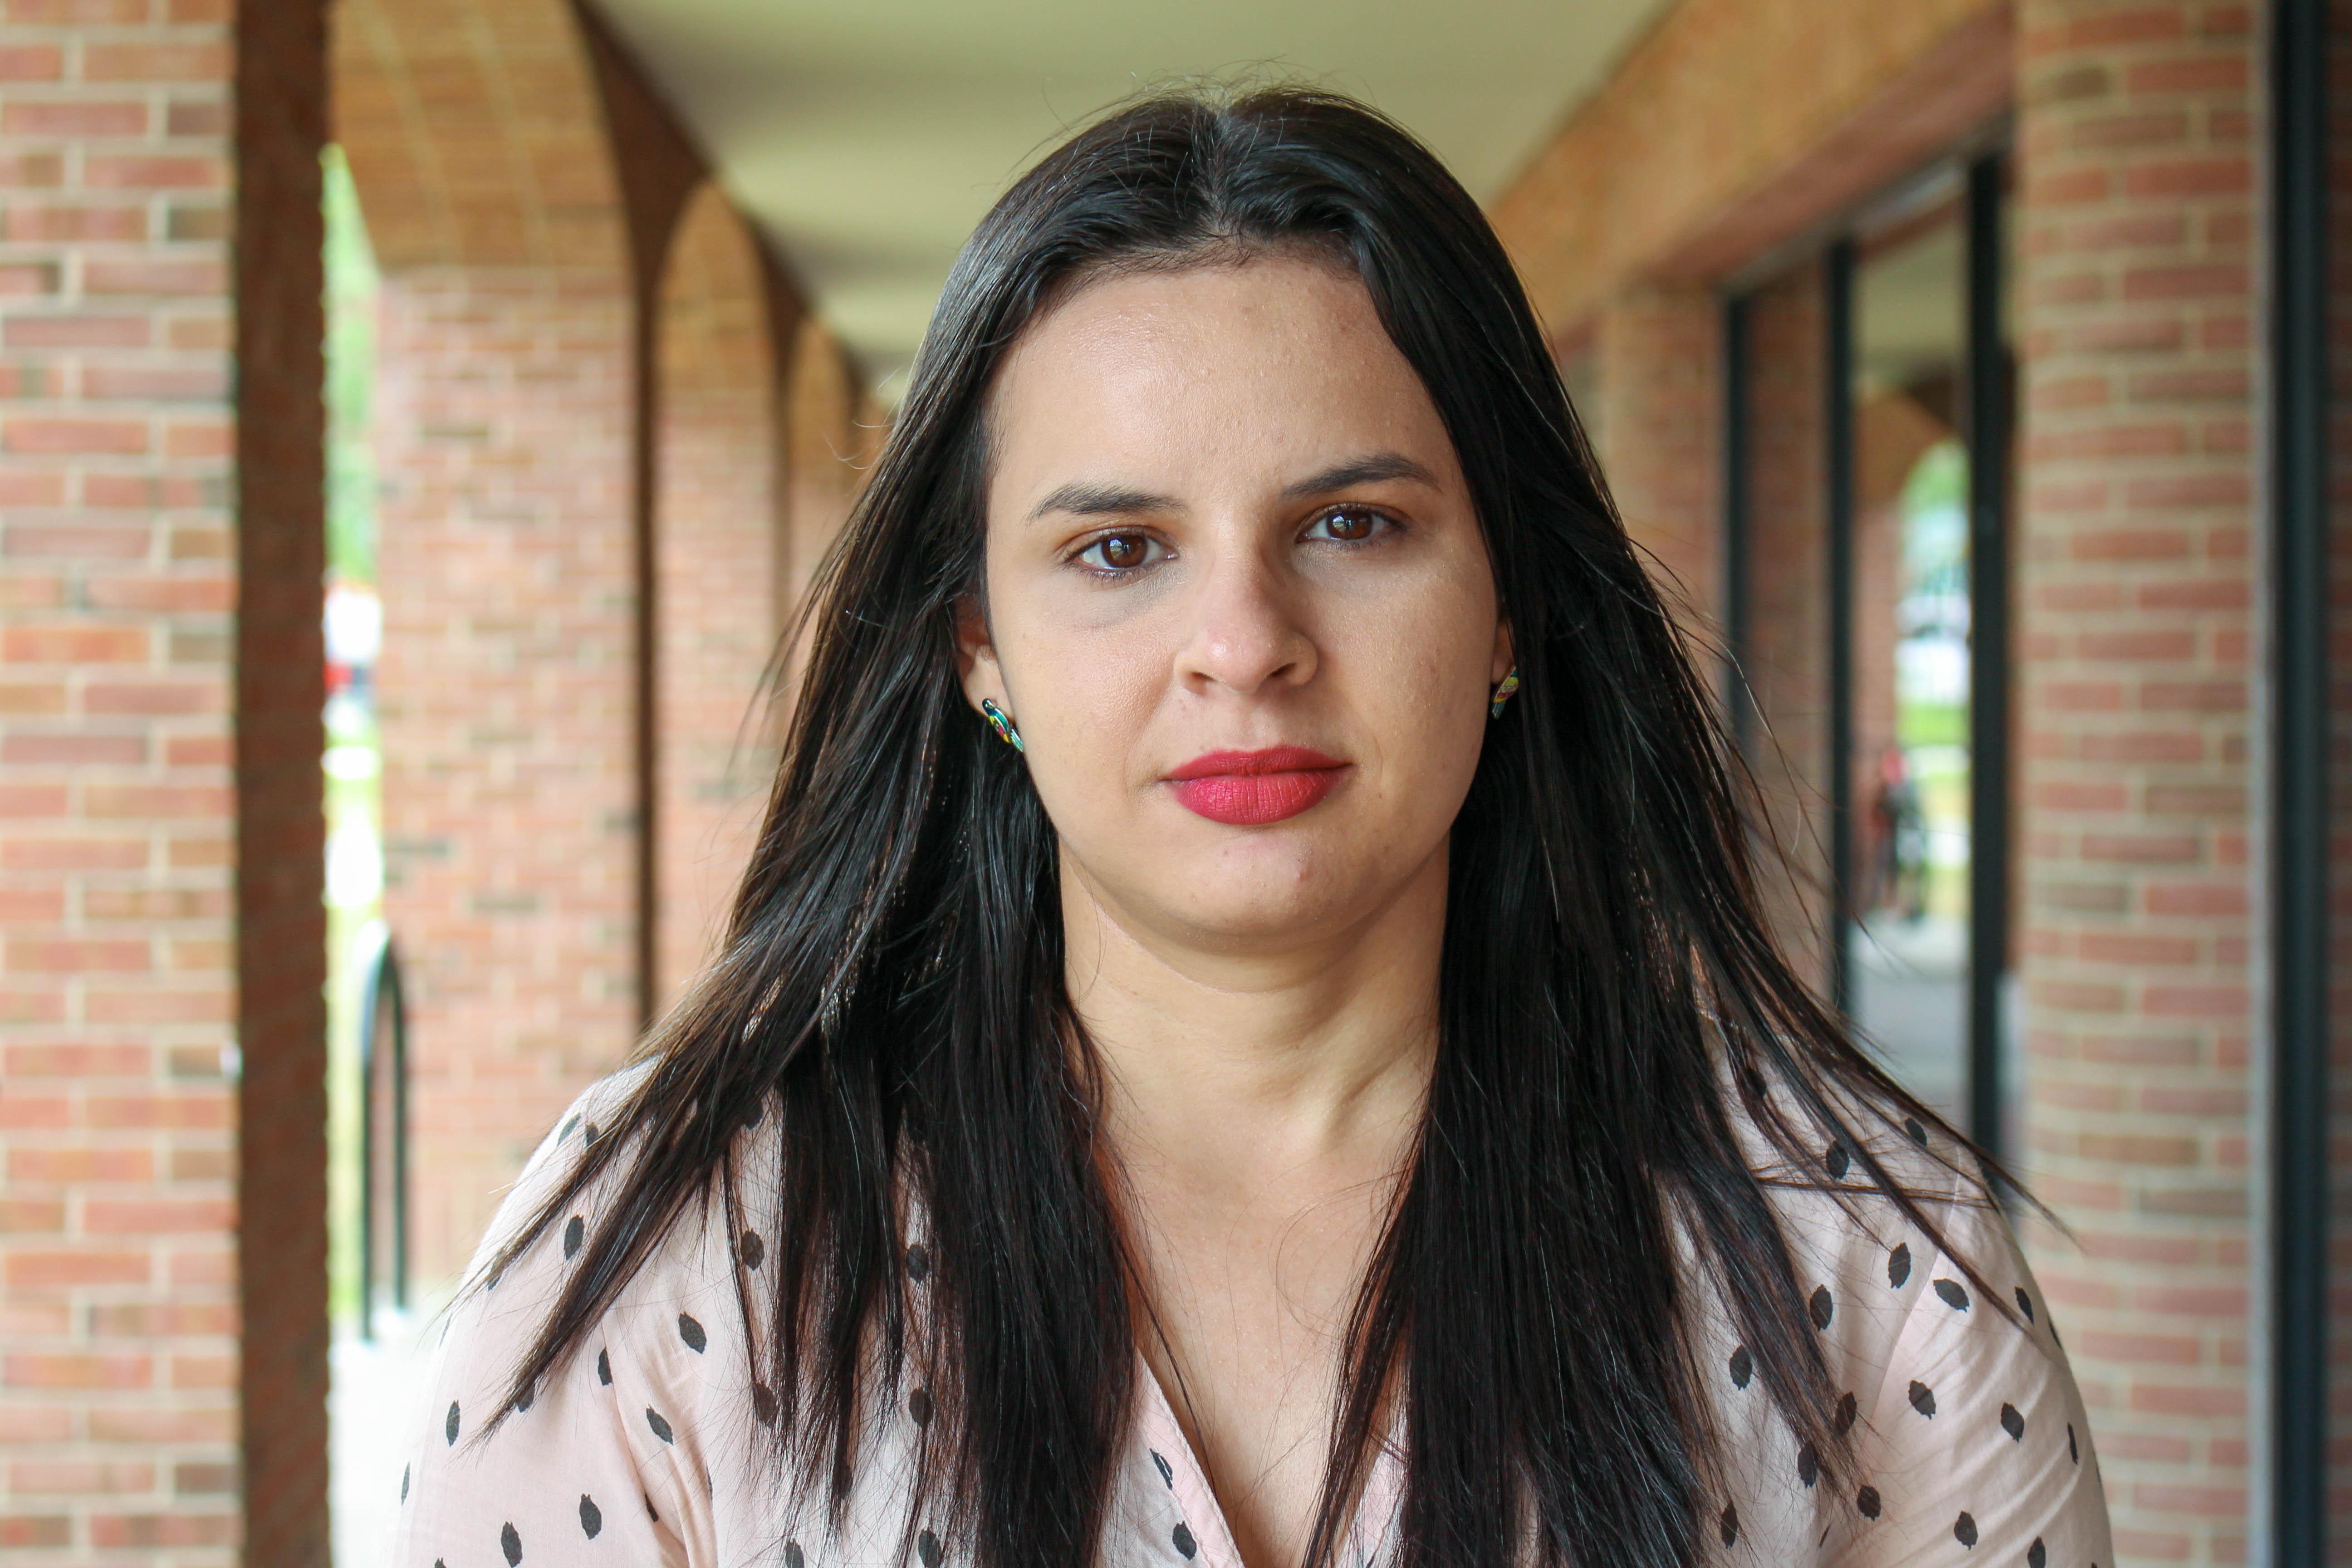 Melissa Margarita Chima Bustillo